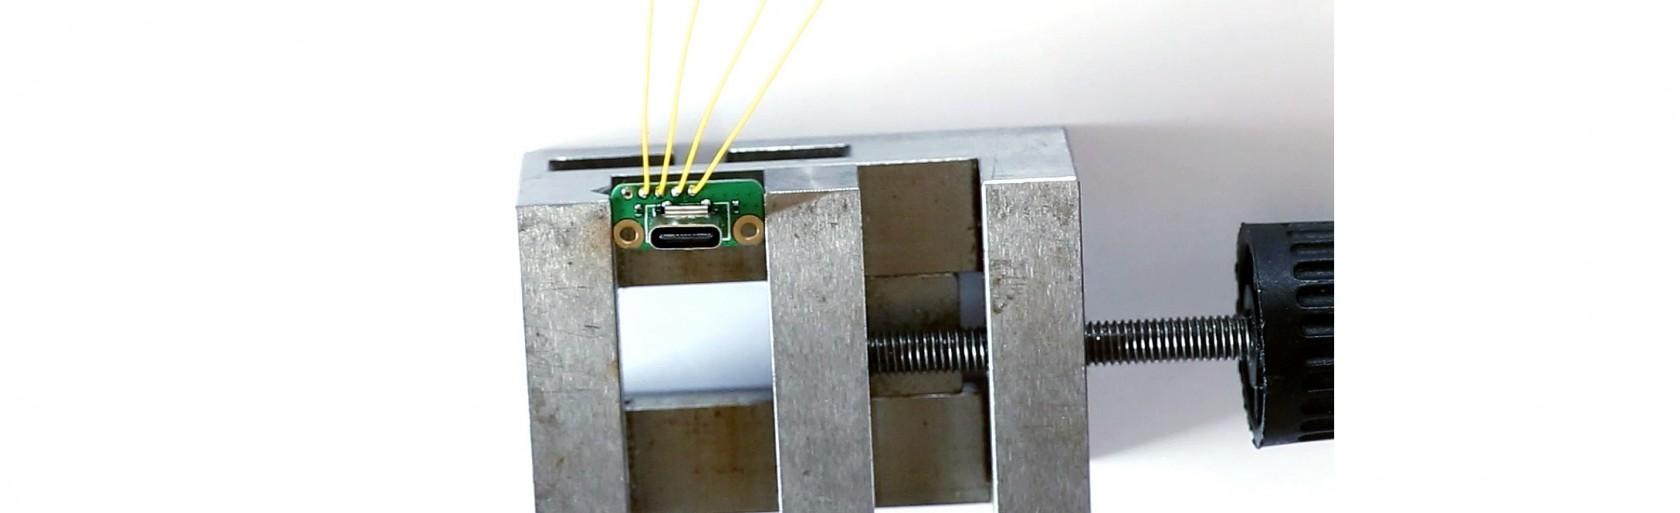 solder2.jpg